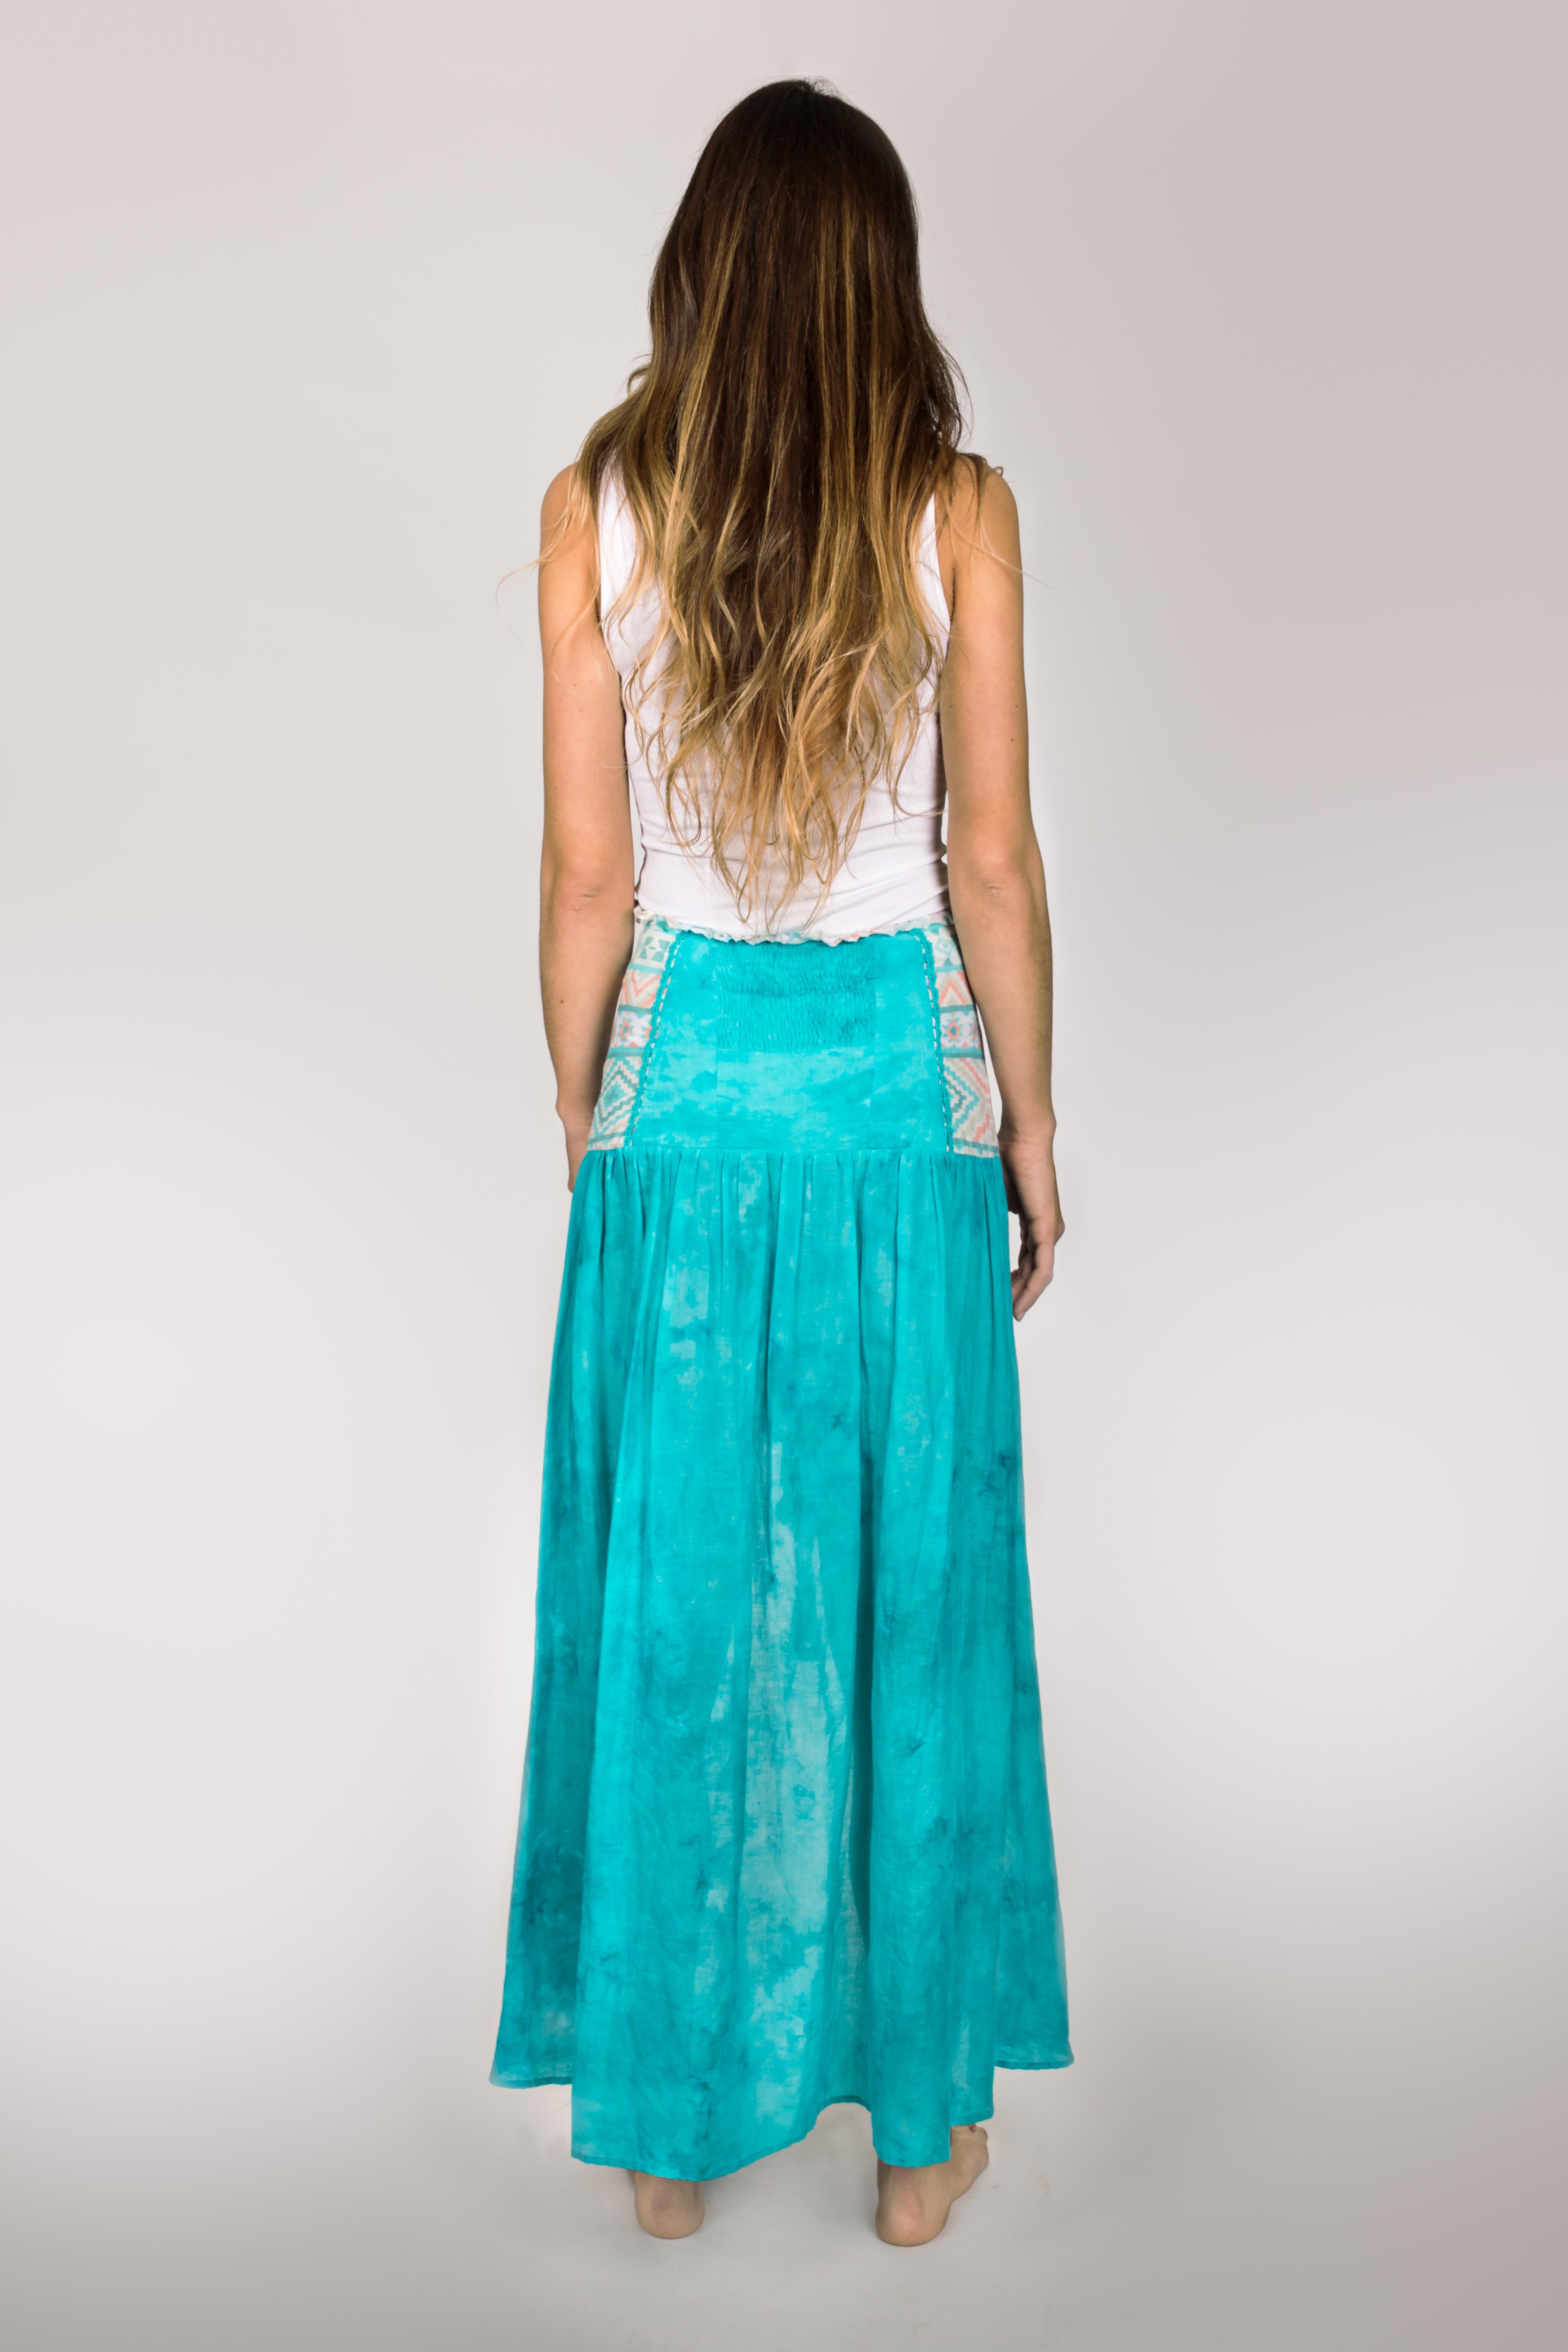 Shoklett: High Low Corset Waist Sea Flower Skirt Sherlyn (1 Left!)